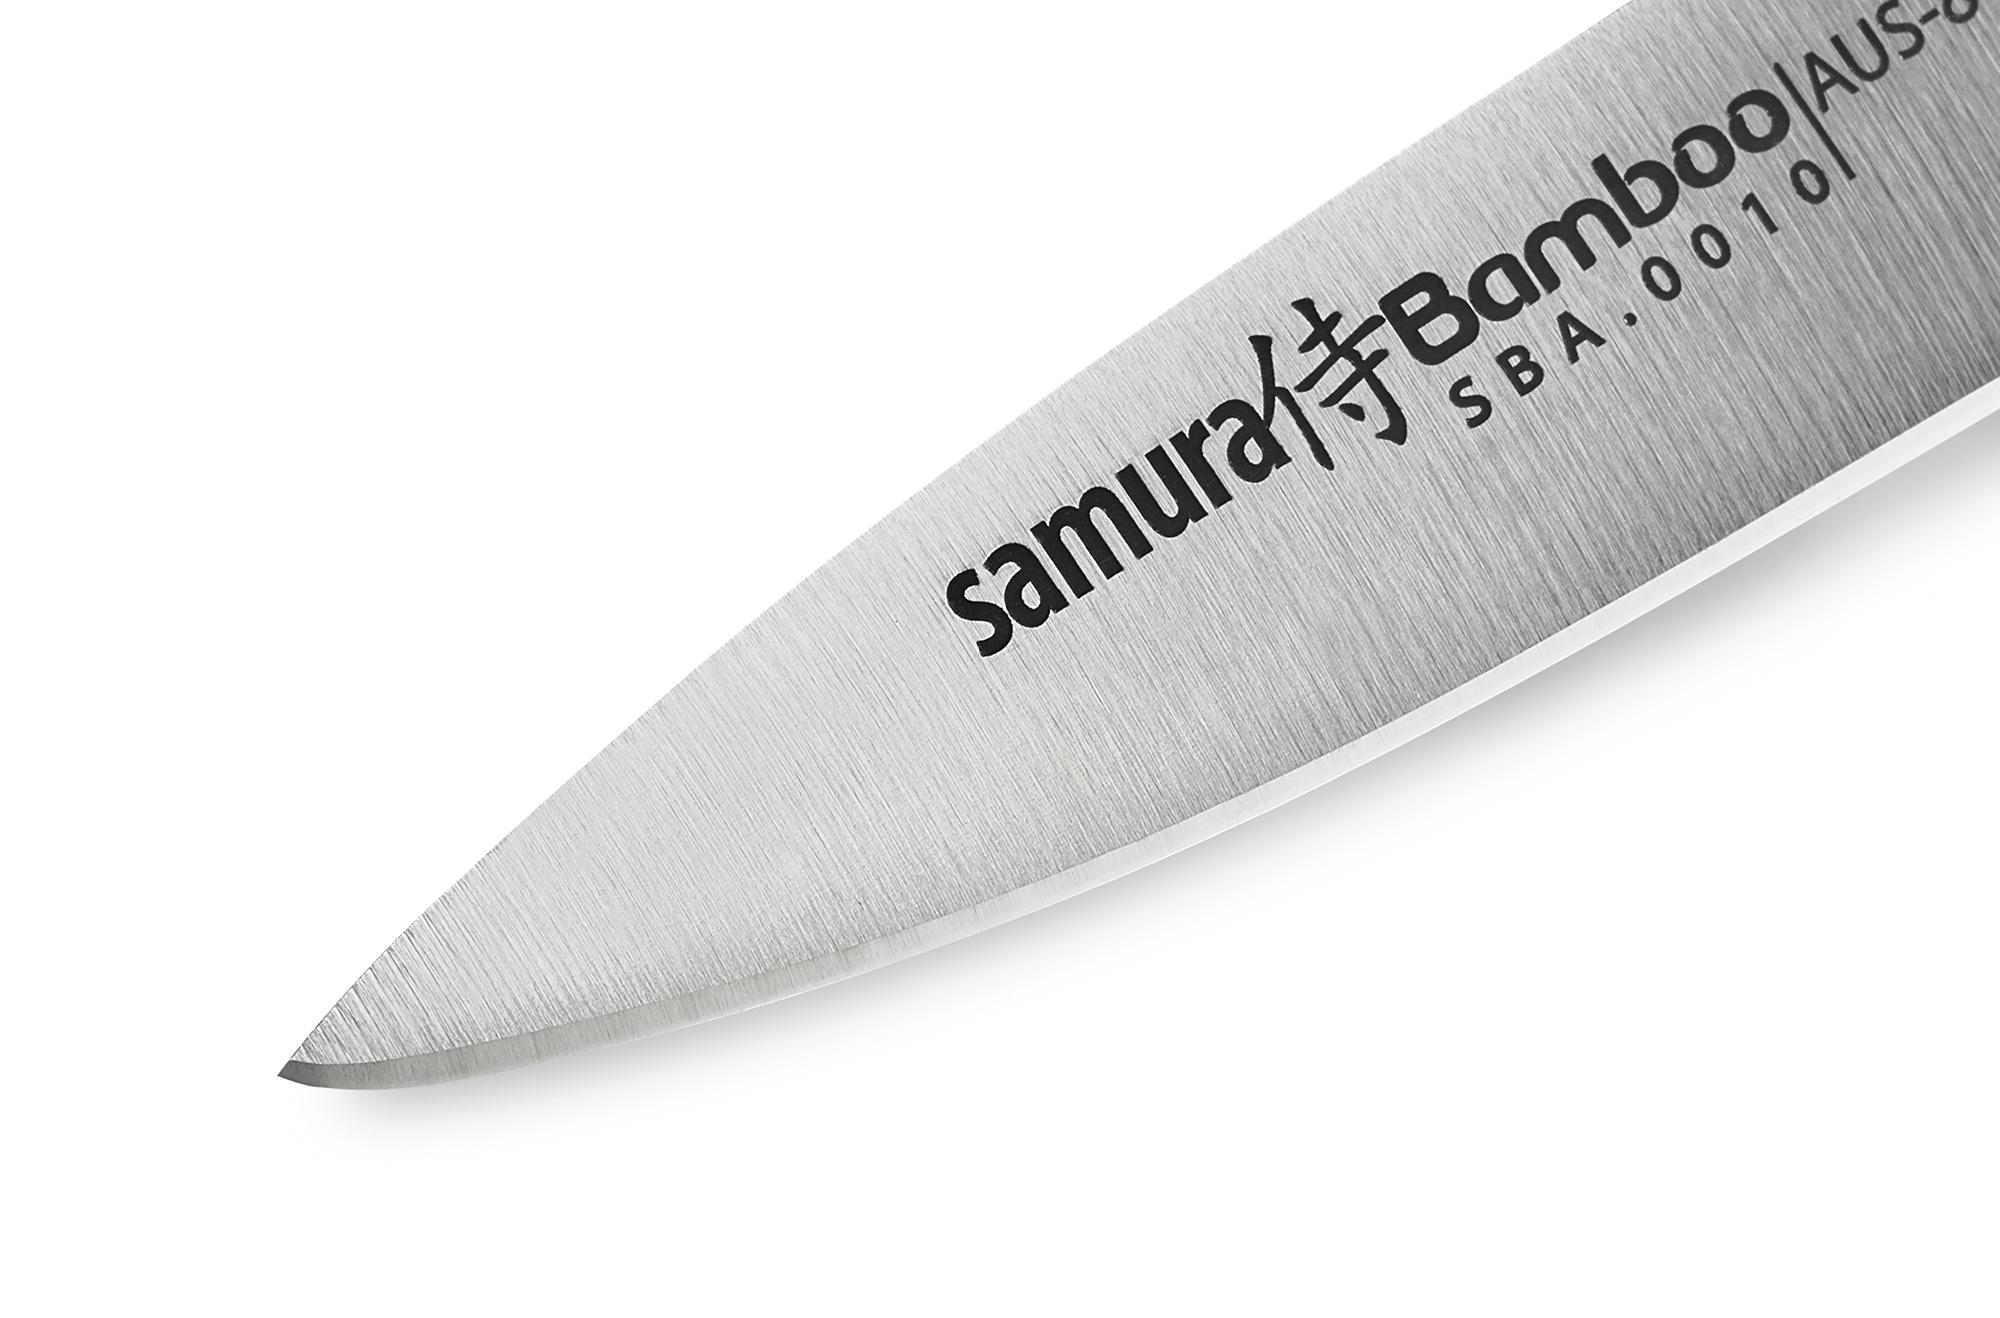 Samura BAMBOO väike koorimisnuga 80 mm